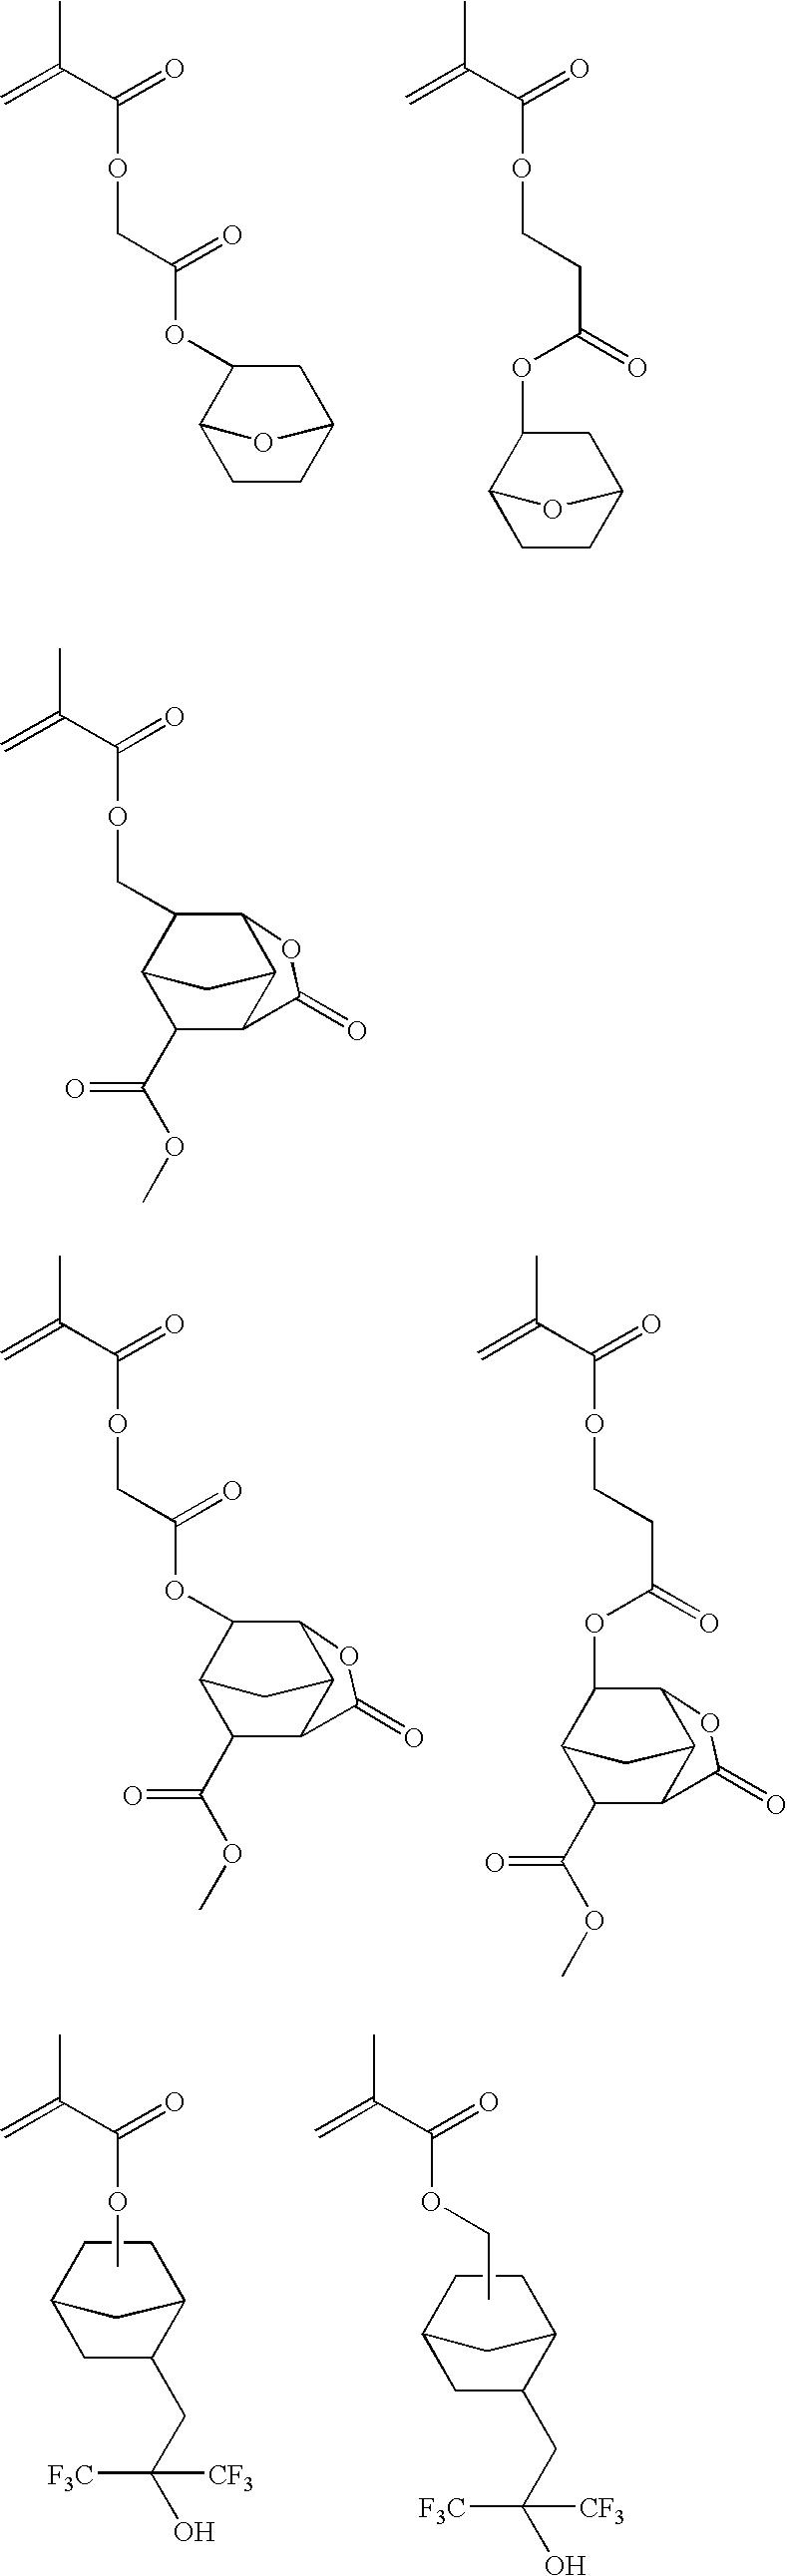 Figure US08129086-20120306-C00021